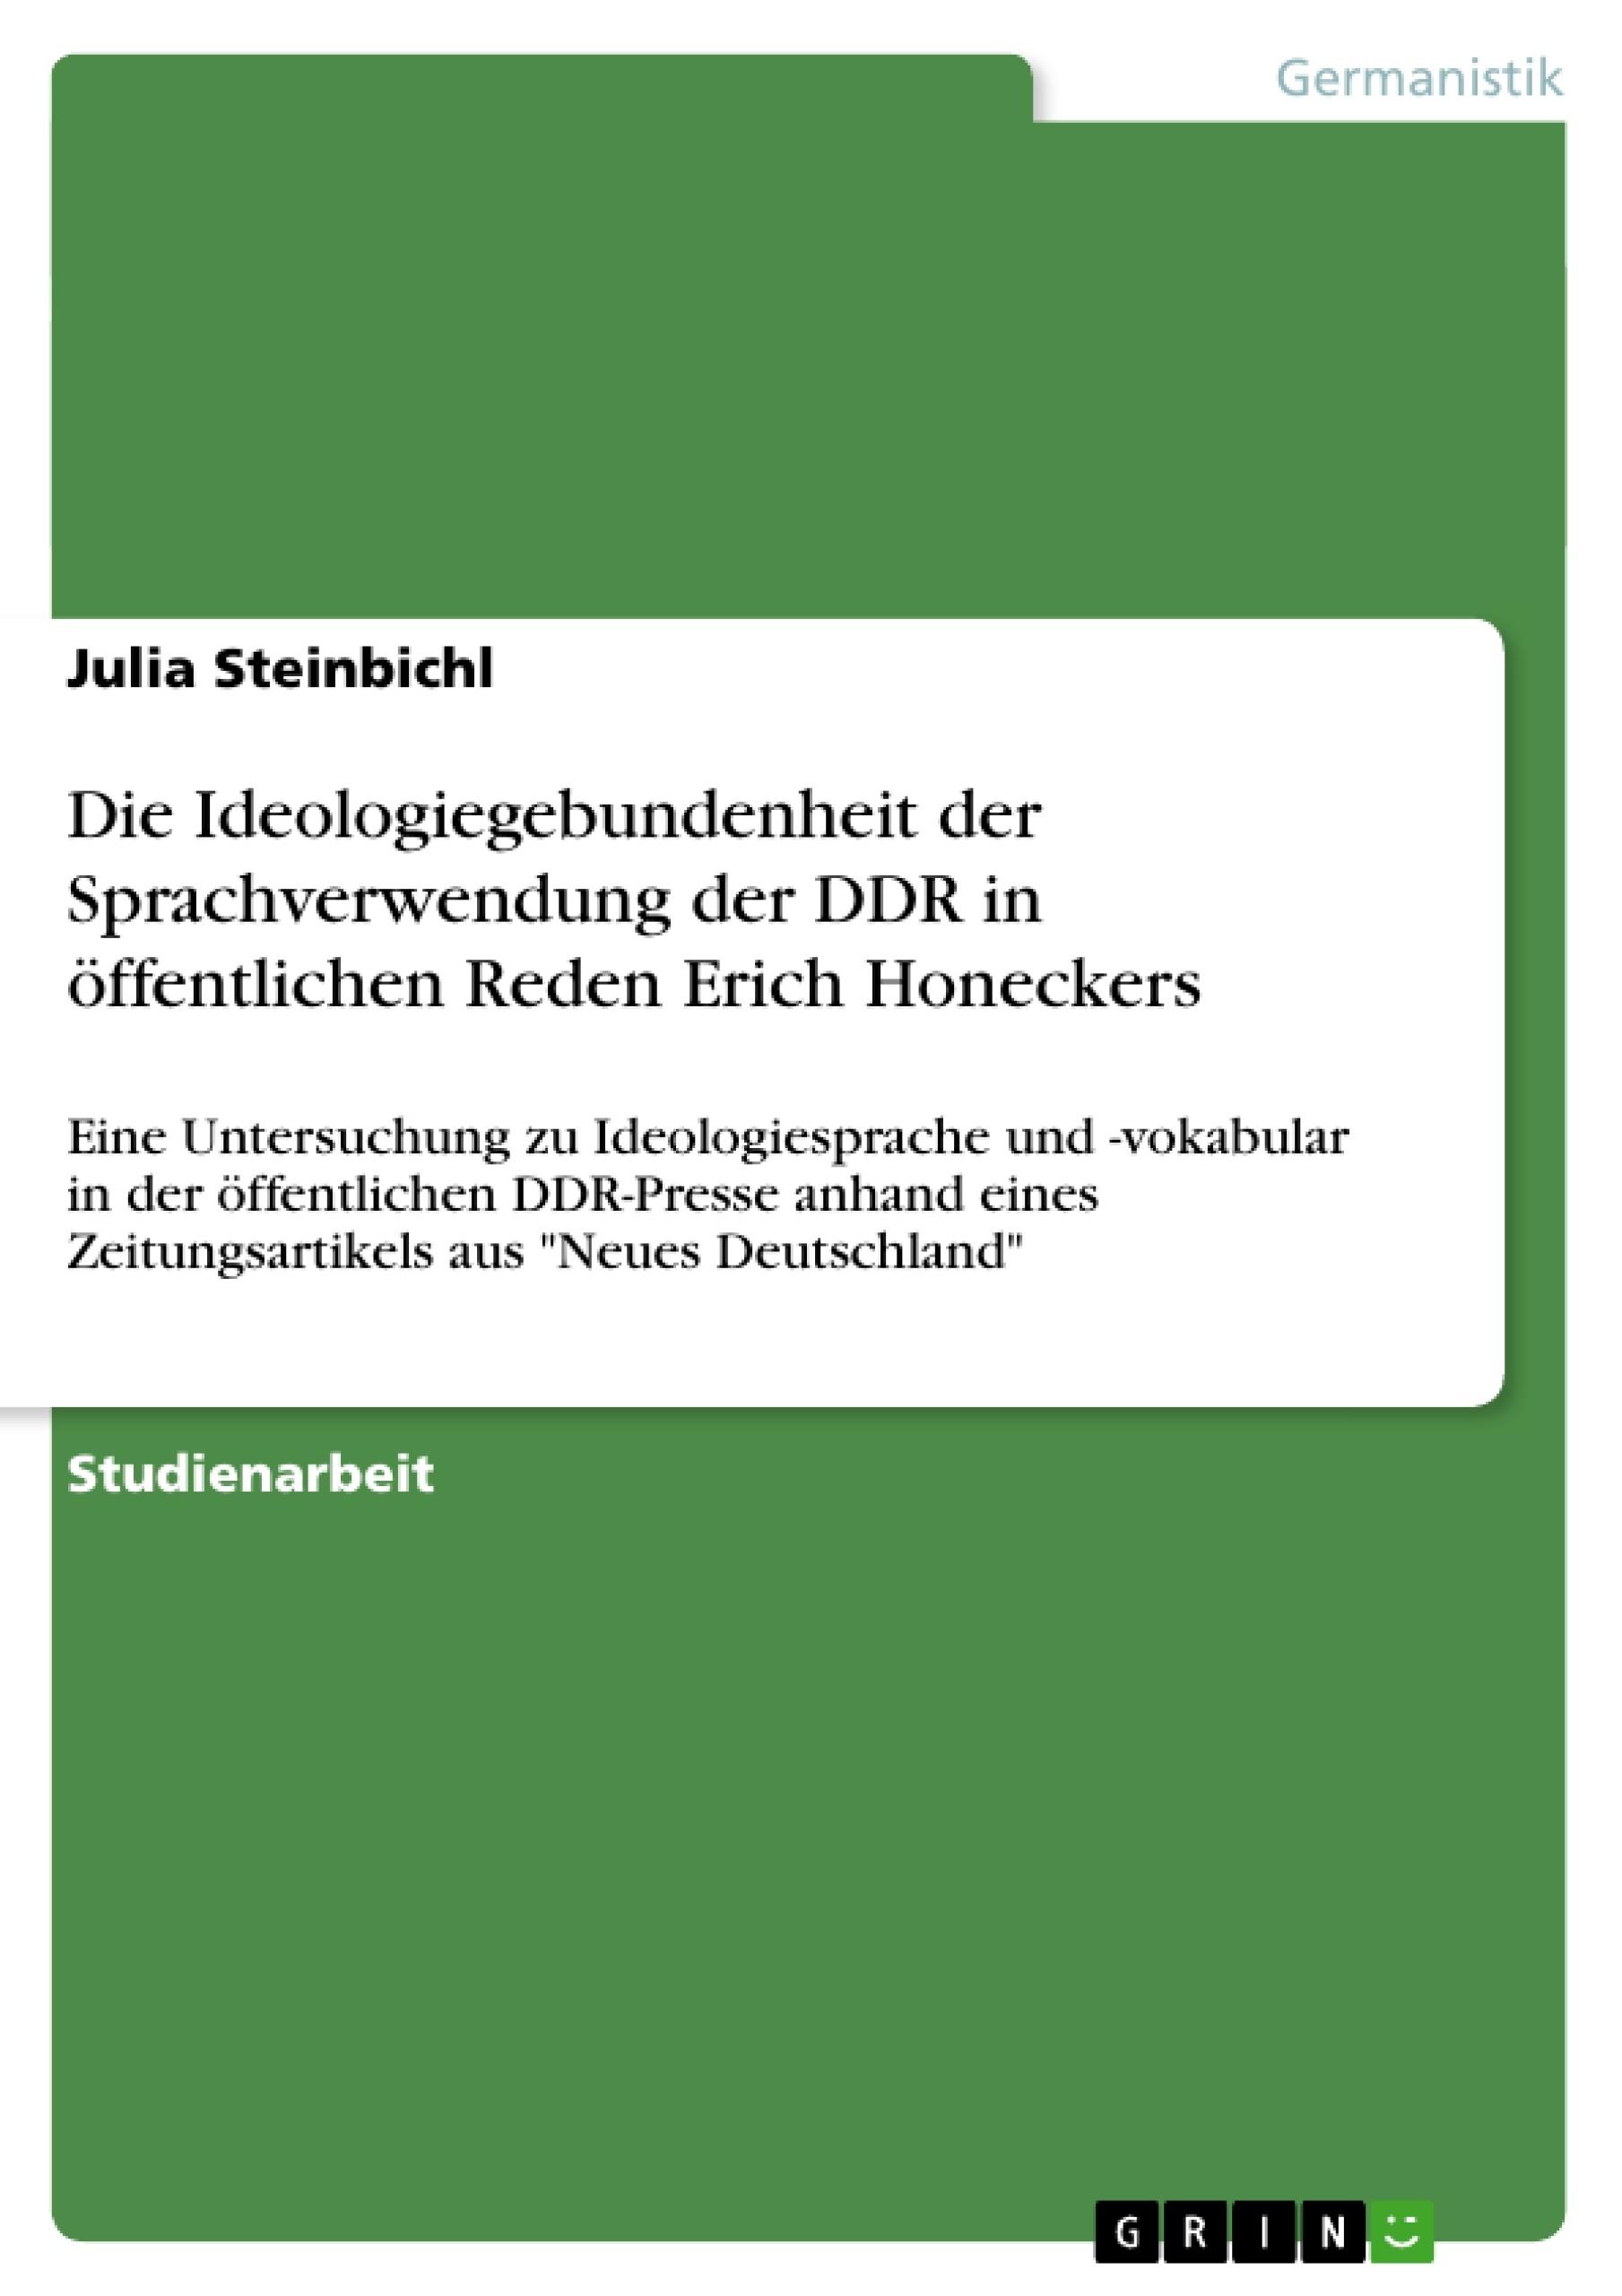 Titel: Die Ideologiegebundenheit der Sprachverwendung der DDR in öffentlichen Reden Erich Honeckers